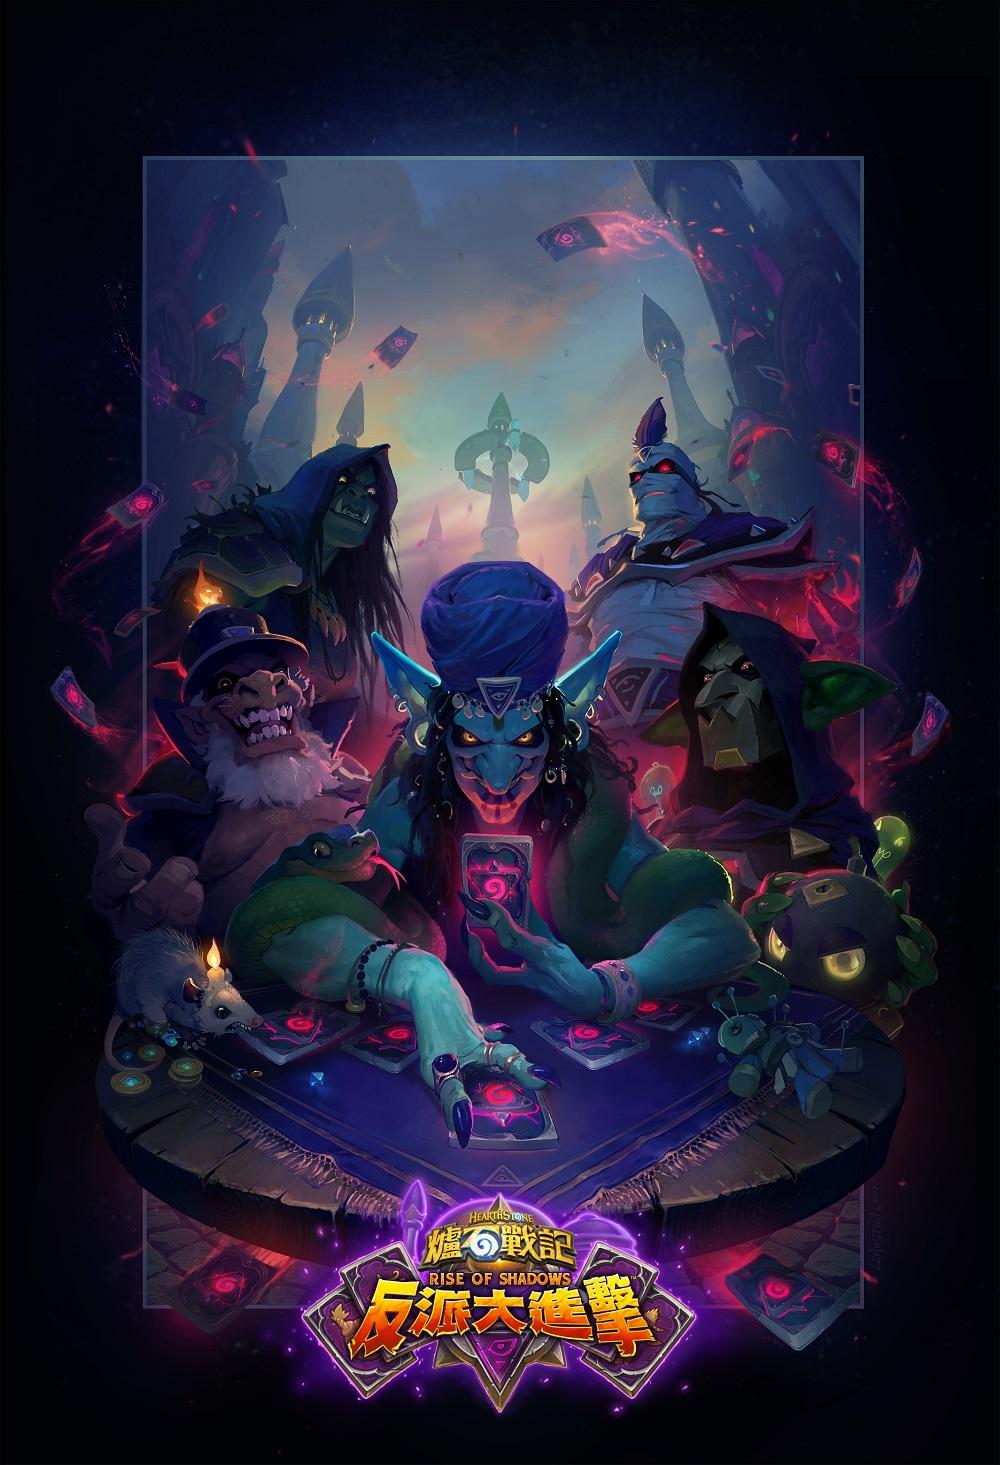 神鬼大盜拉法姆(術士)、托戈瓦哥國王(盜賊)、拉祖爾女士(牧師)、爆爆博士(戰士)與女巫哈嘉薩(薩滿)將組成「邪惡陣線」。